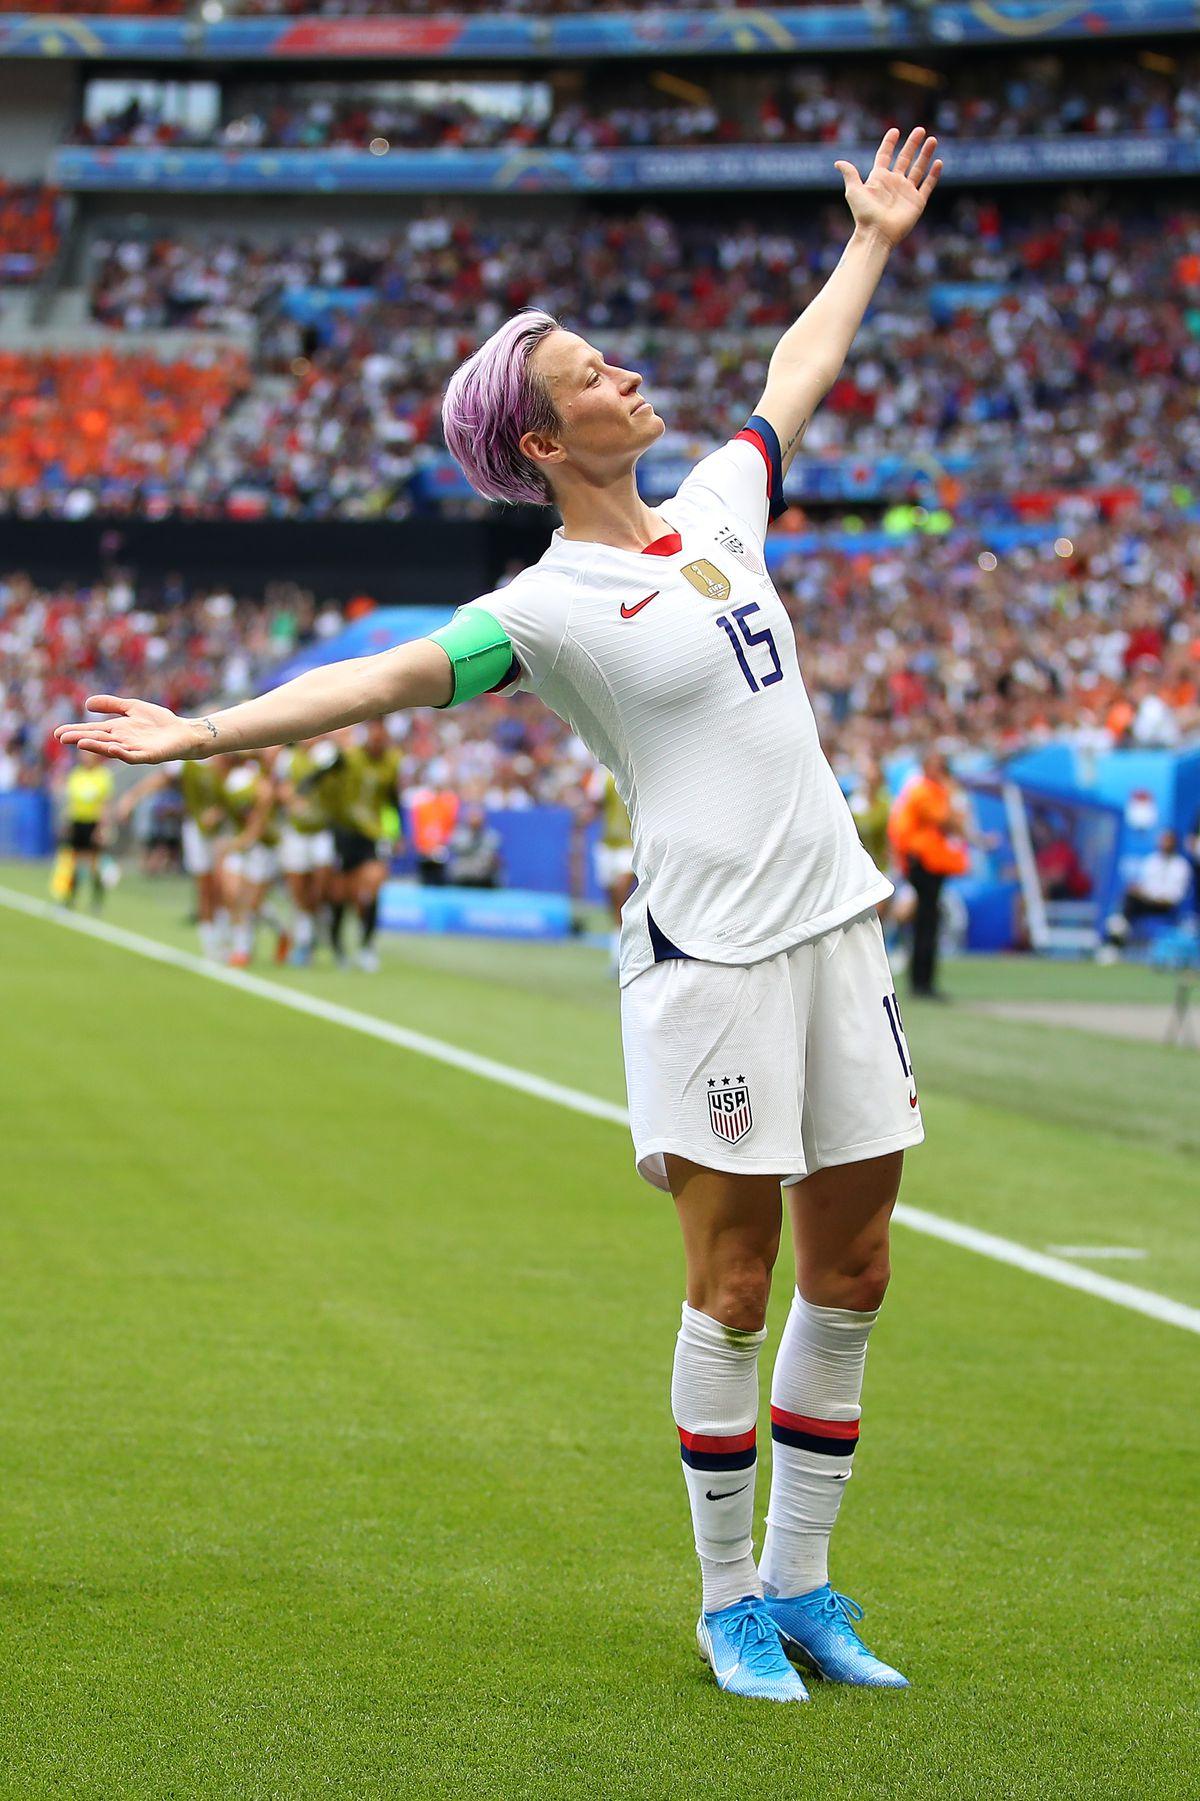 États-Unis d'Amérique contre Pays-Bas: finale - Coupe du Monde Féminine de la FIFA, France 2019